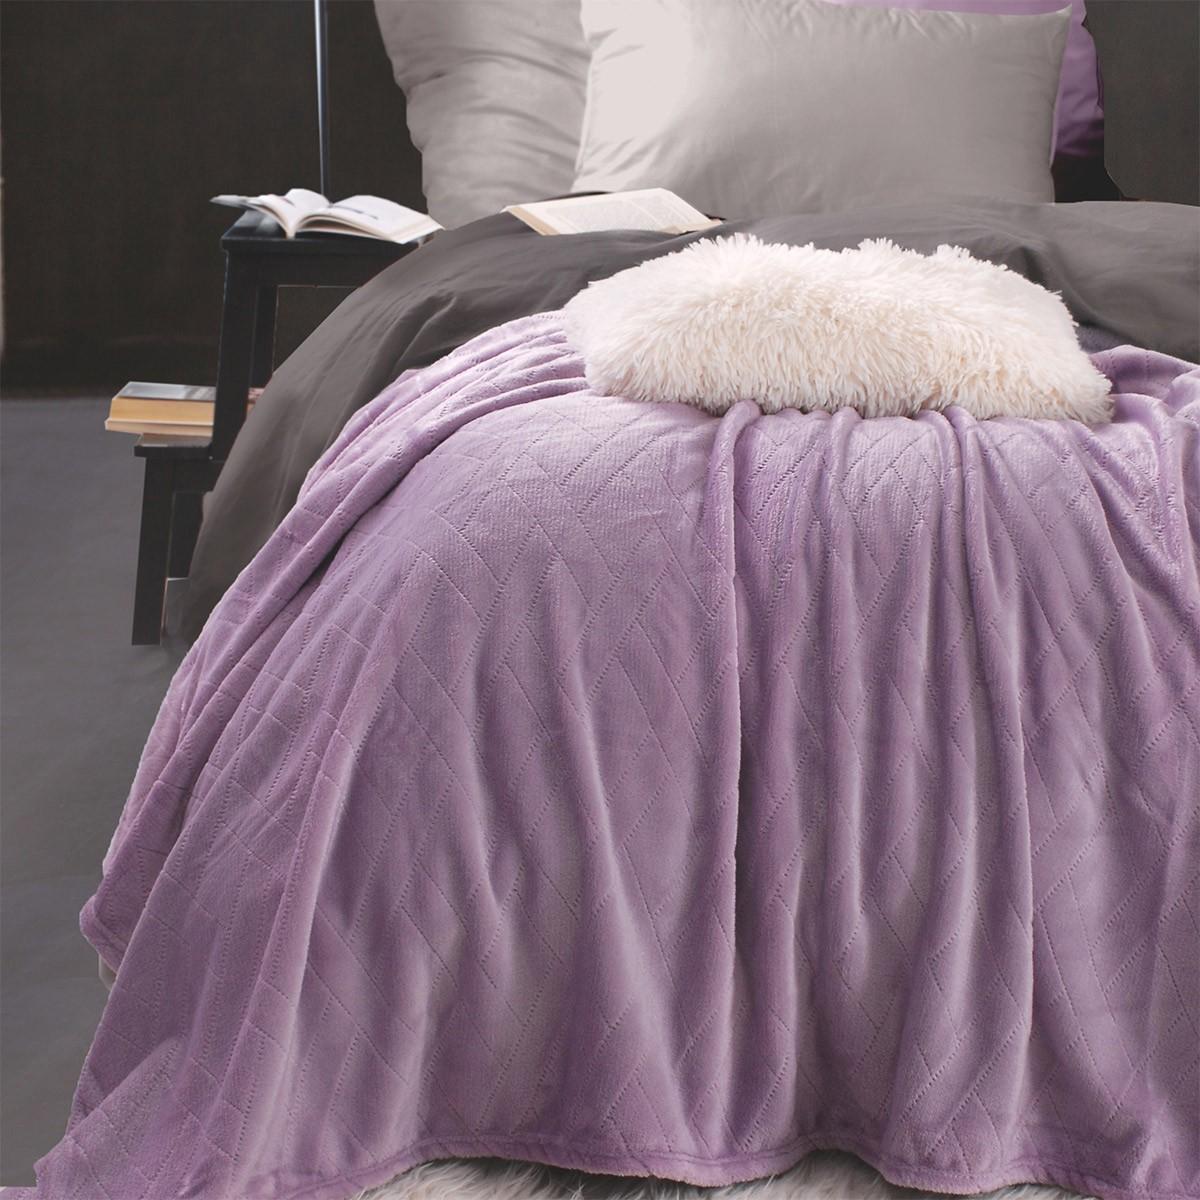 Κουβέρτα Fleece Υπέρδιπλη Rythmos Sonic Lilac